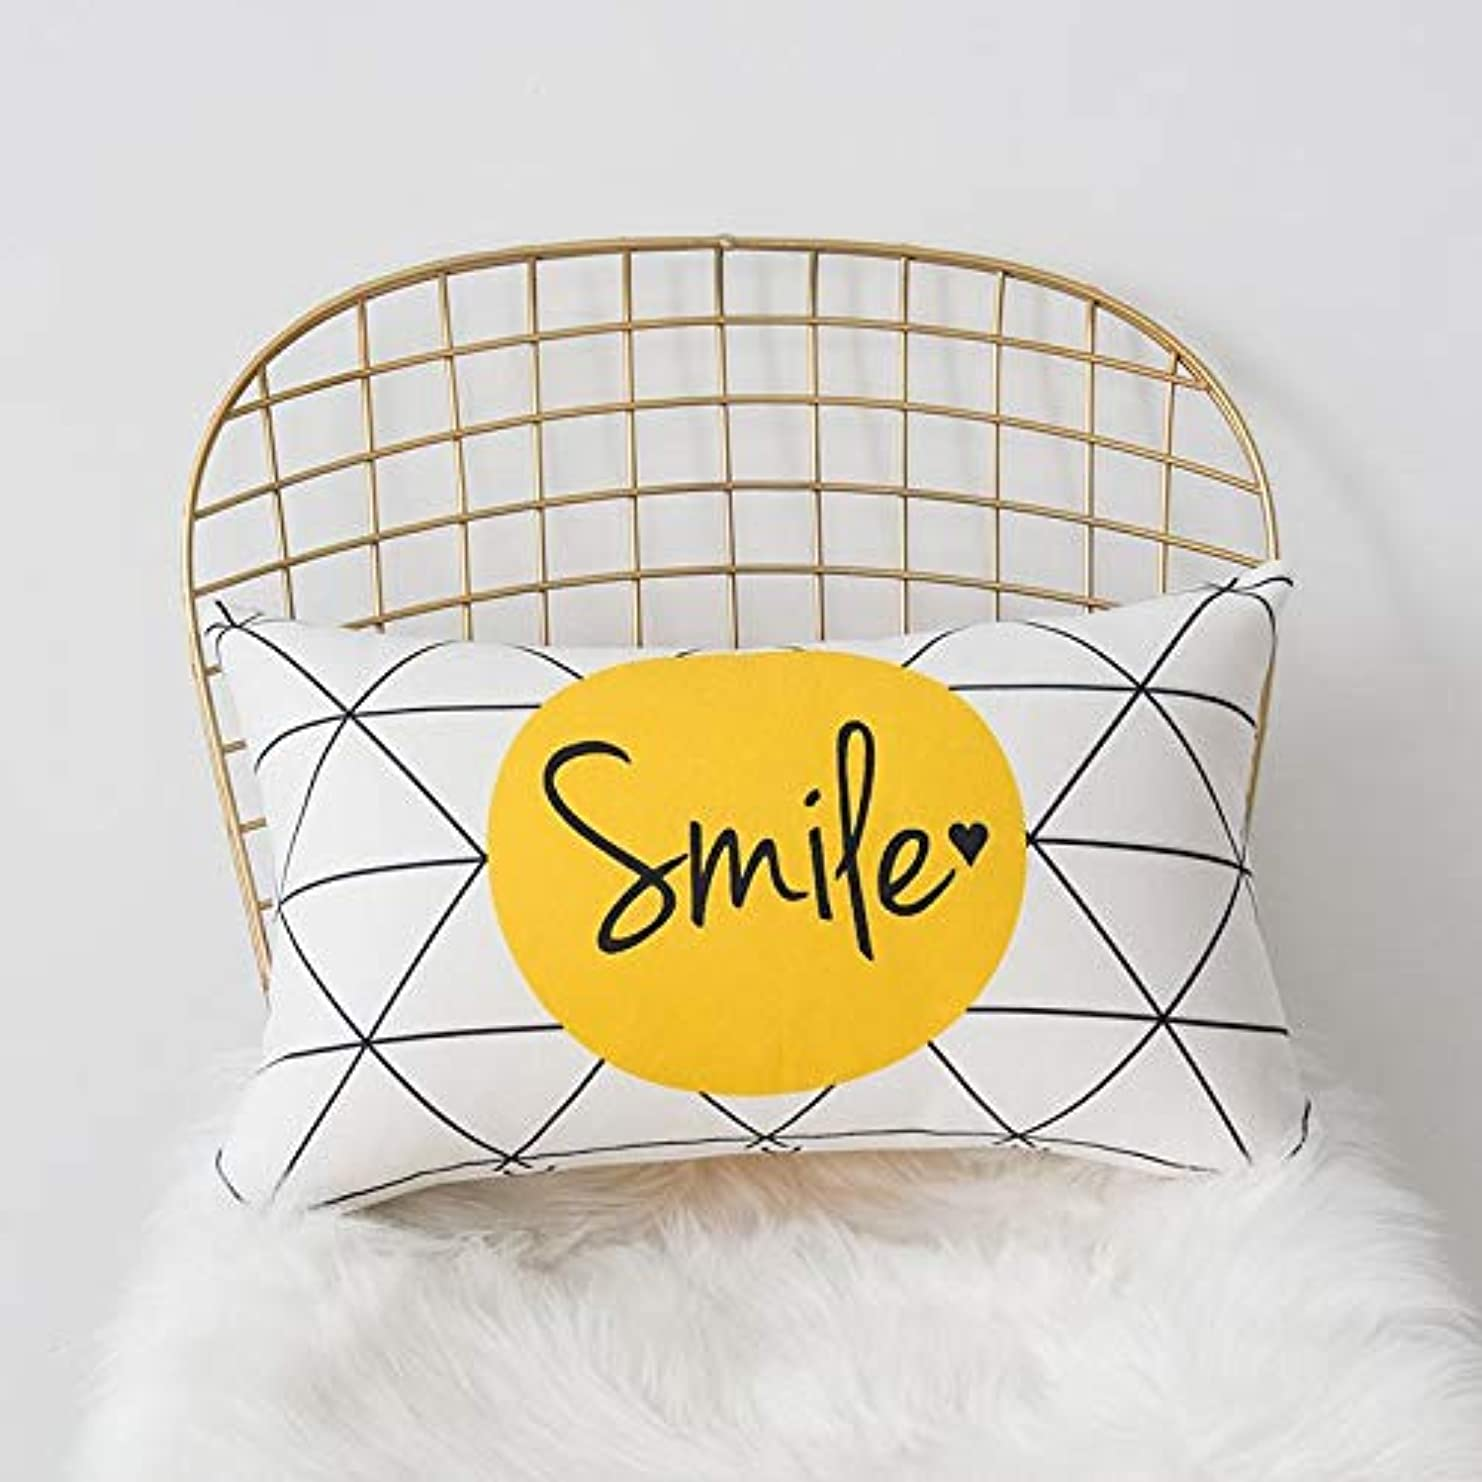 おいしい留まるハロウィンSMART 黄色グレー枕北欧スタイル黄色ヘラジカ幾何枕リビングルームのインテリアソファクッション Cojines 装飾良質 クッション 椅子